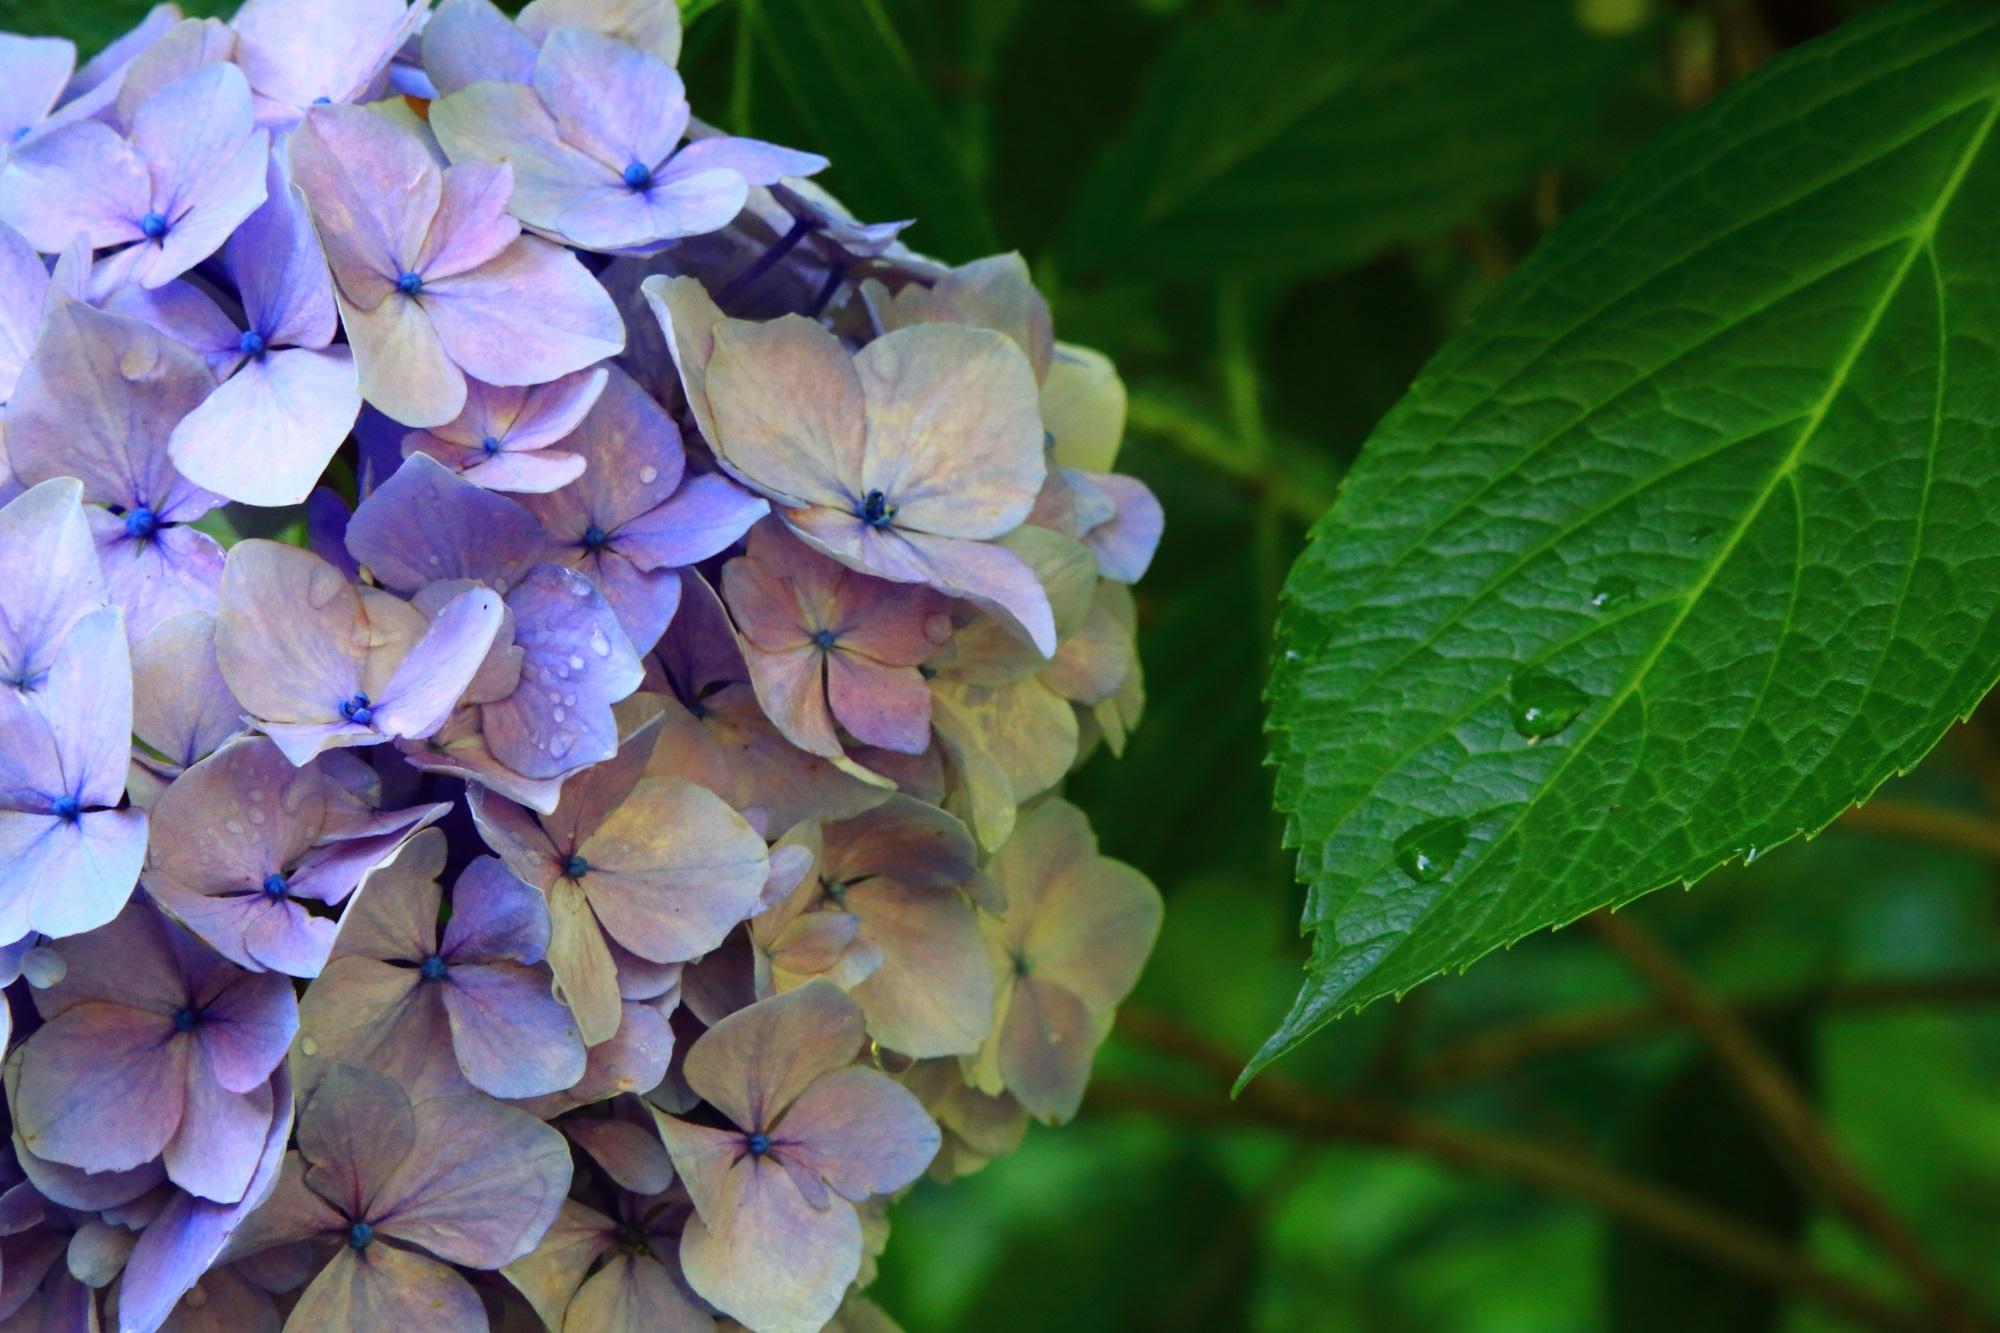 緑の葉とともに雨水で潤う紫陽花